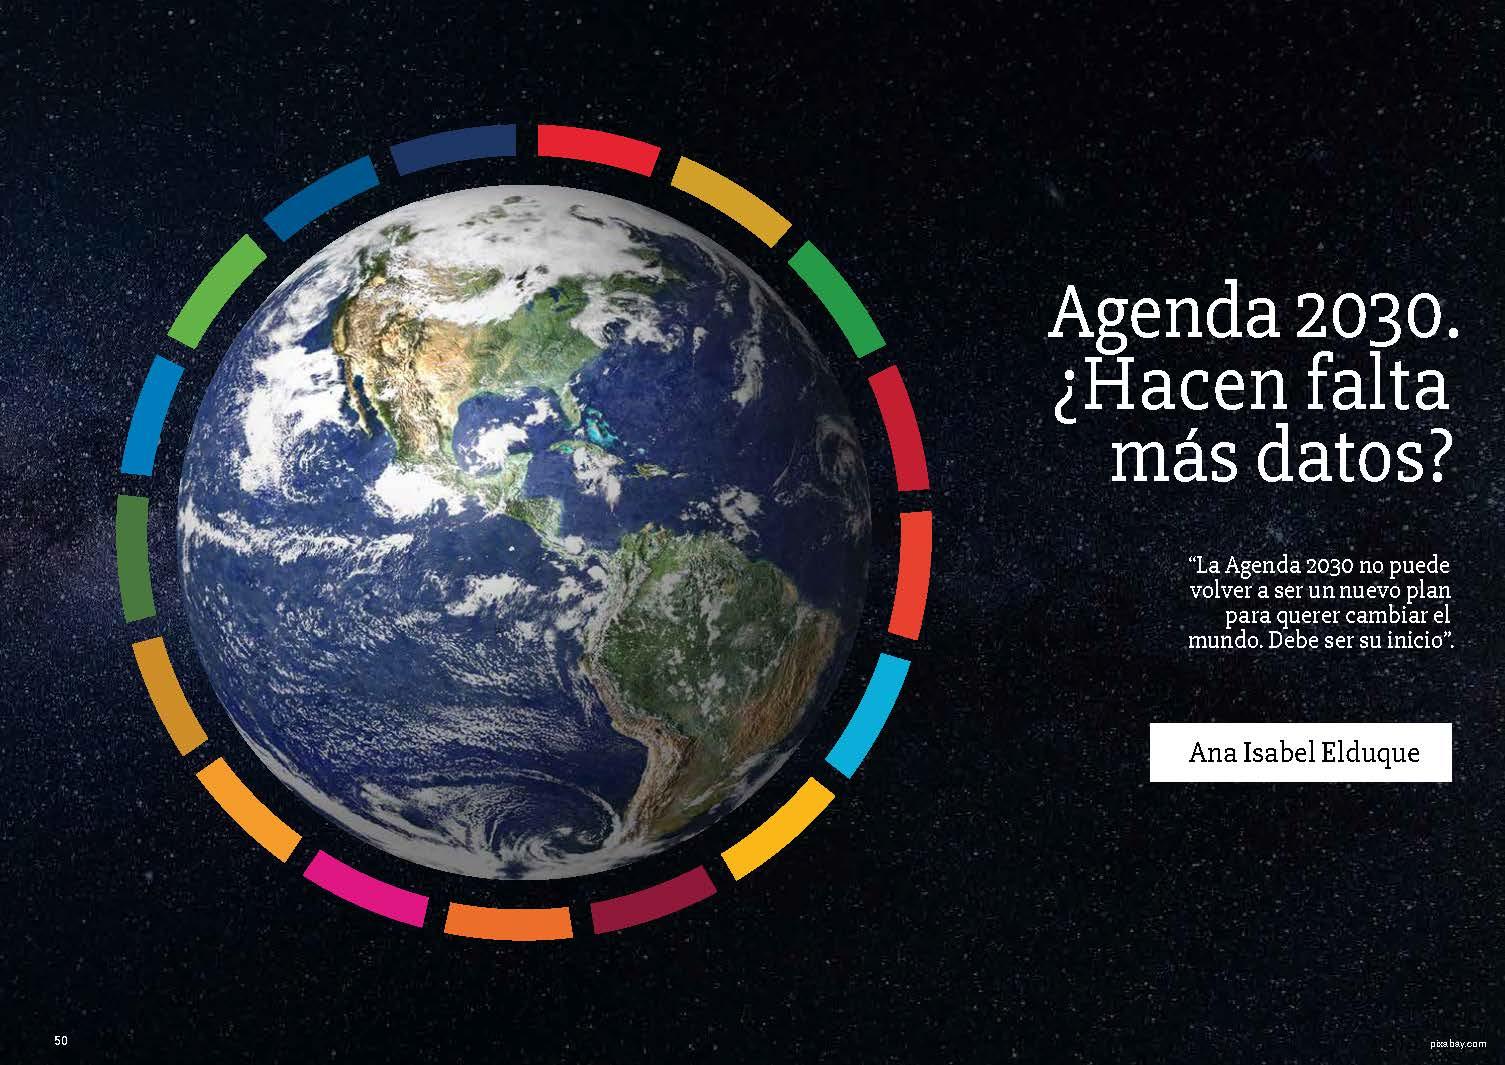 25_04_Agenda2030